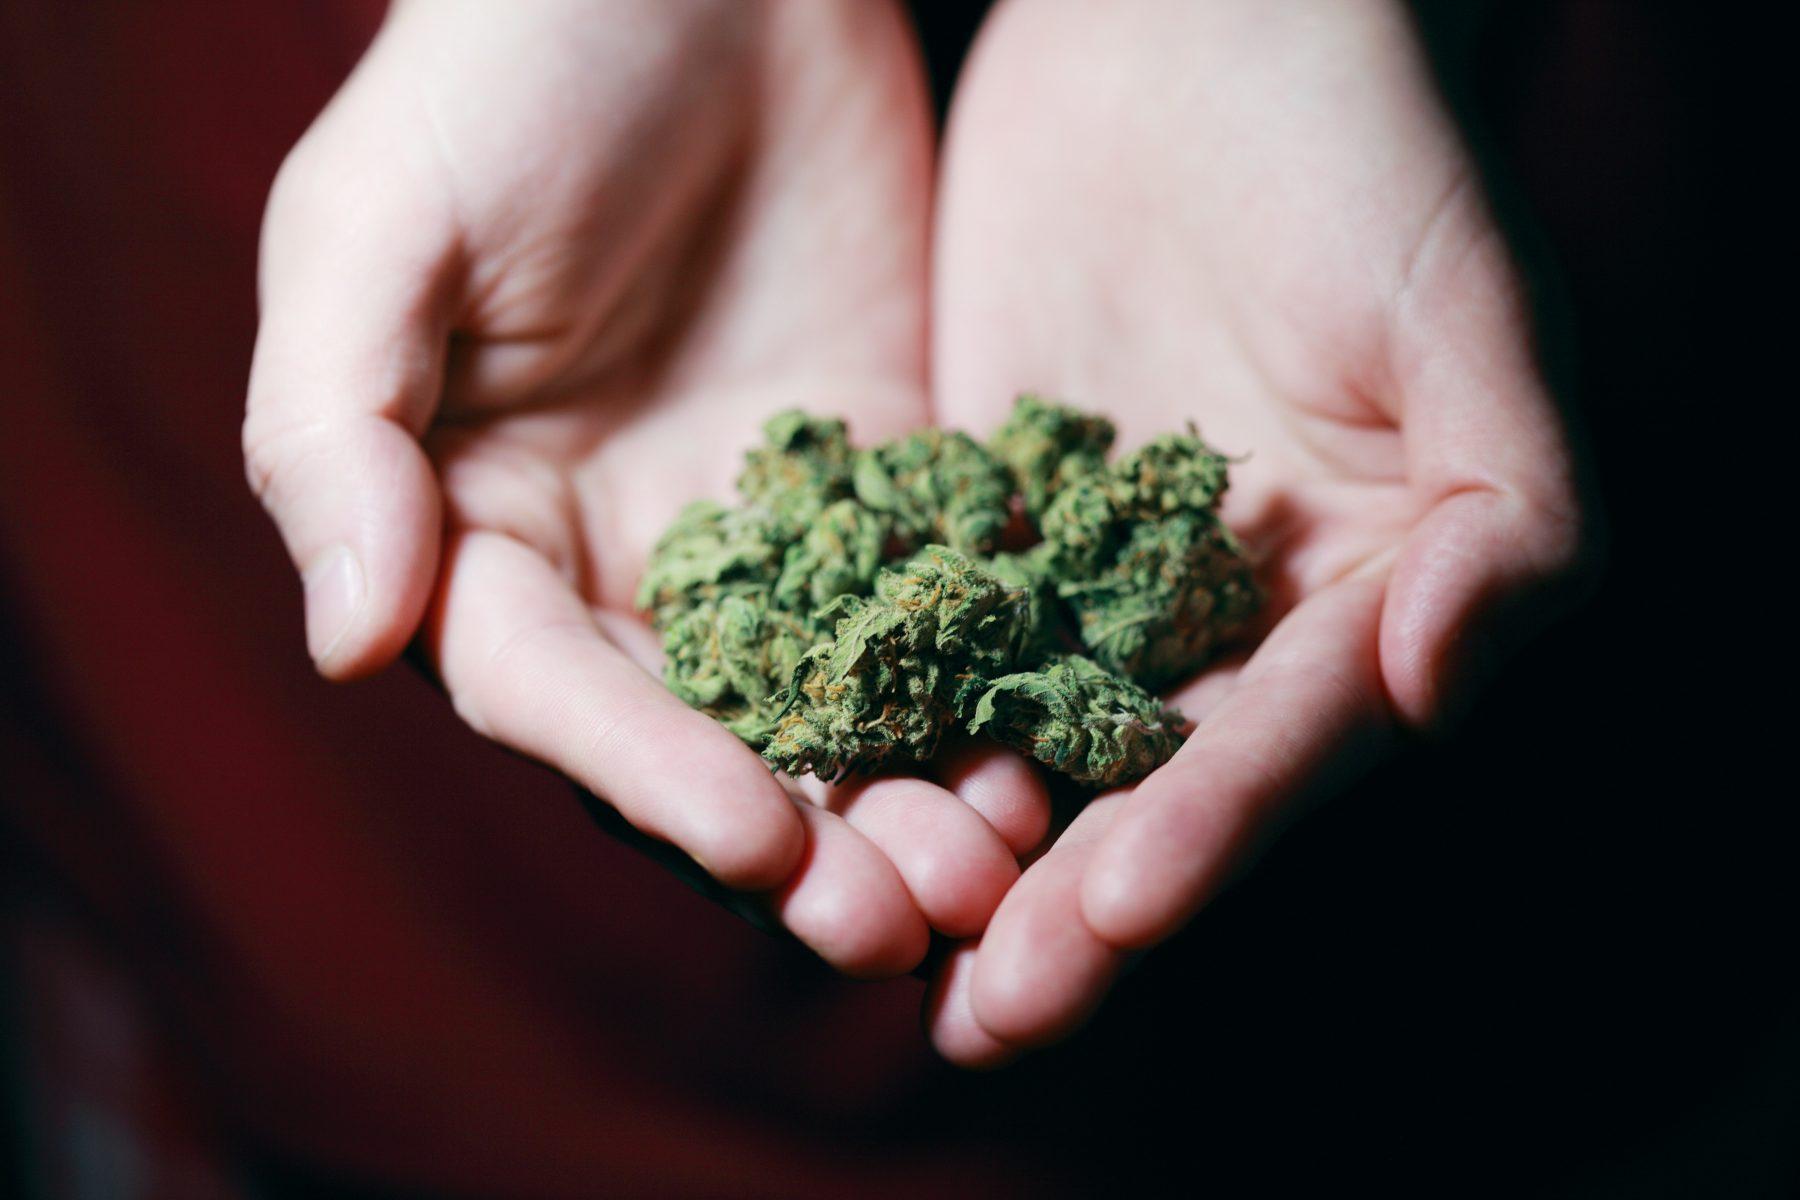 Bild von Cannabis.